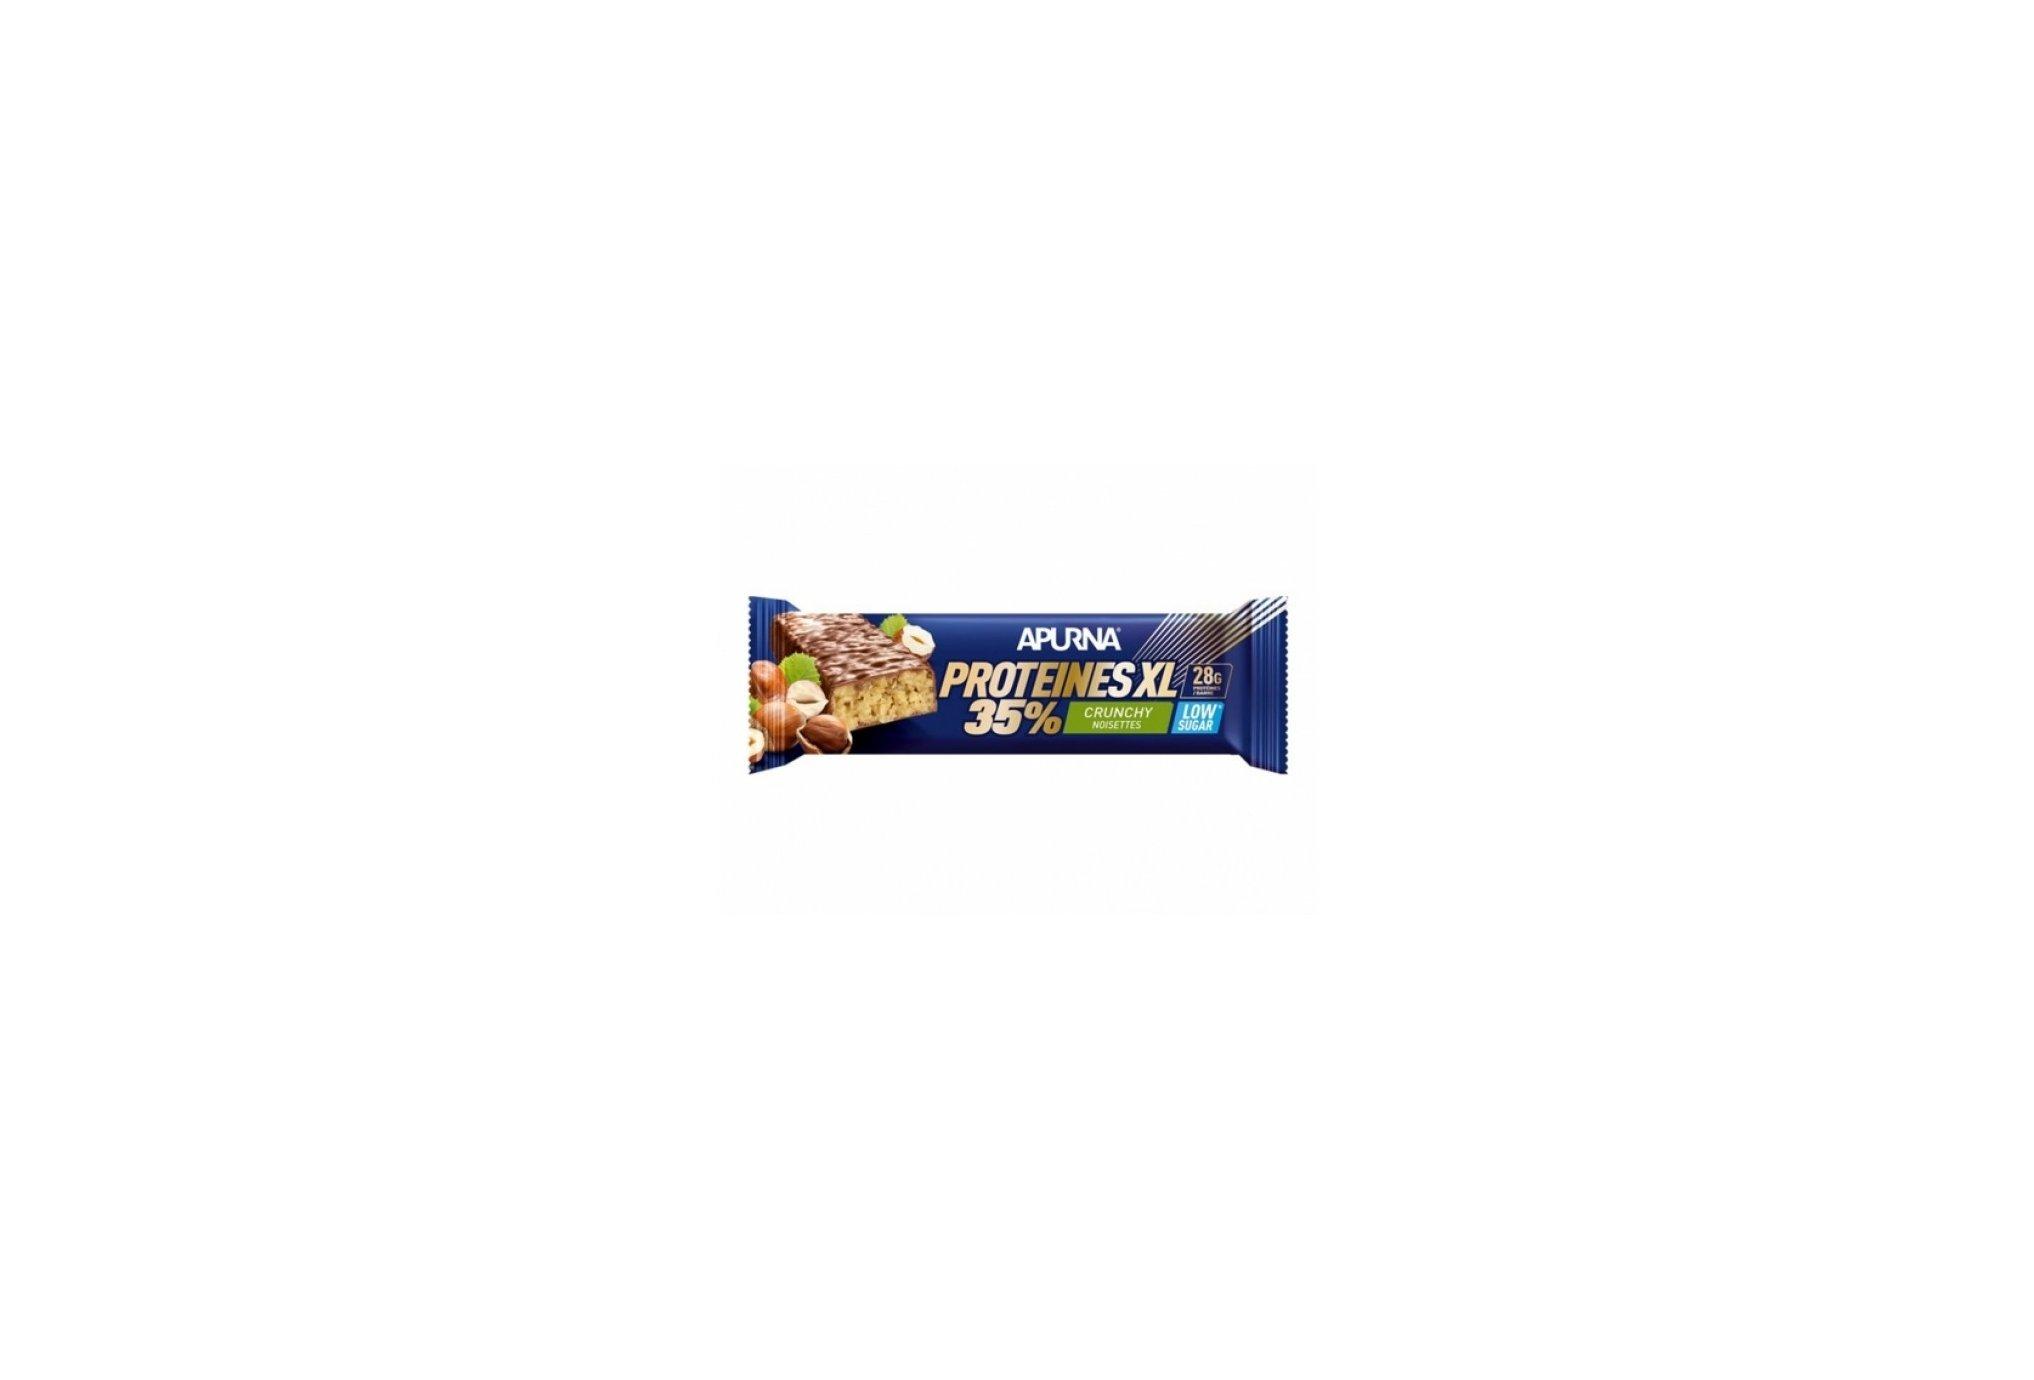 Apurna Barre Protéinée - Crunchy Noisettes Diététique Protéines / récupération